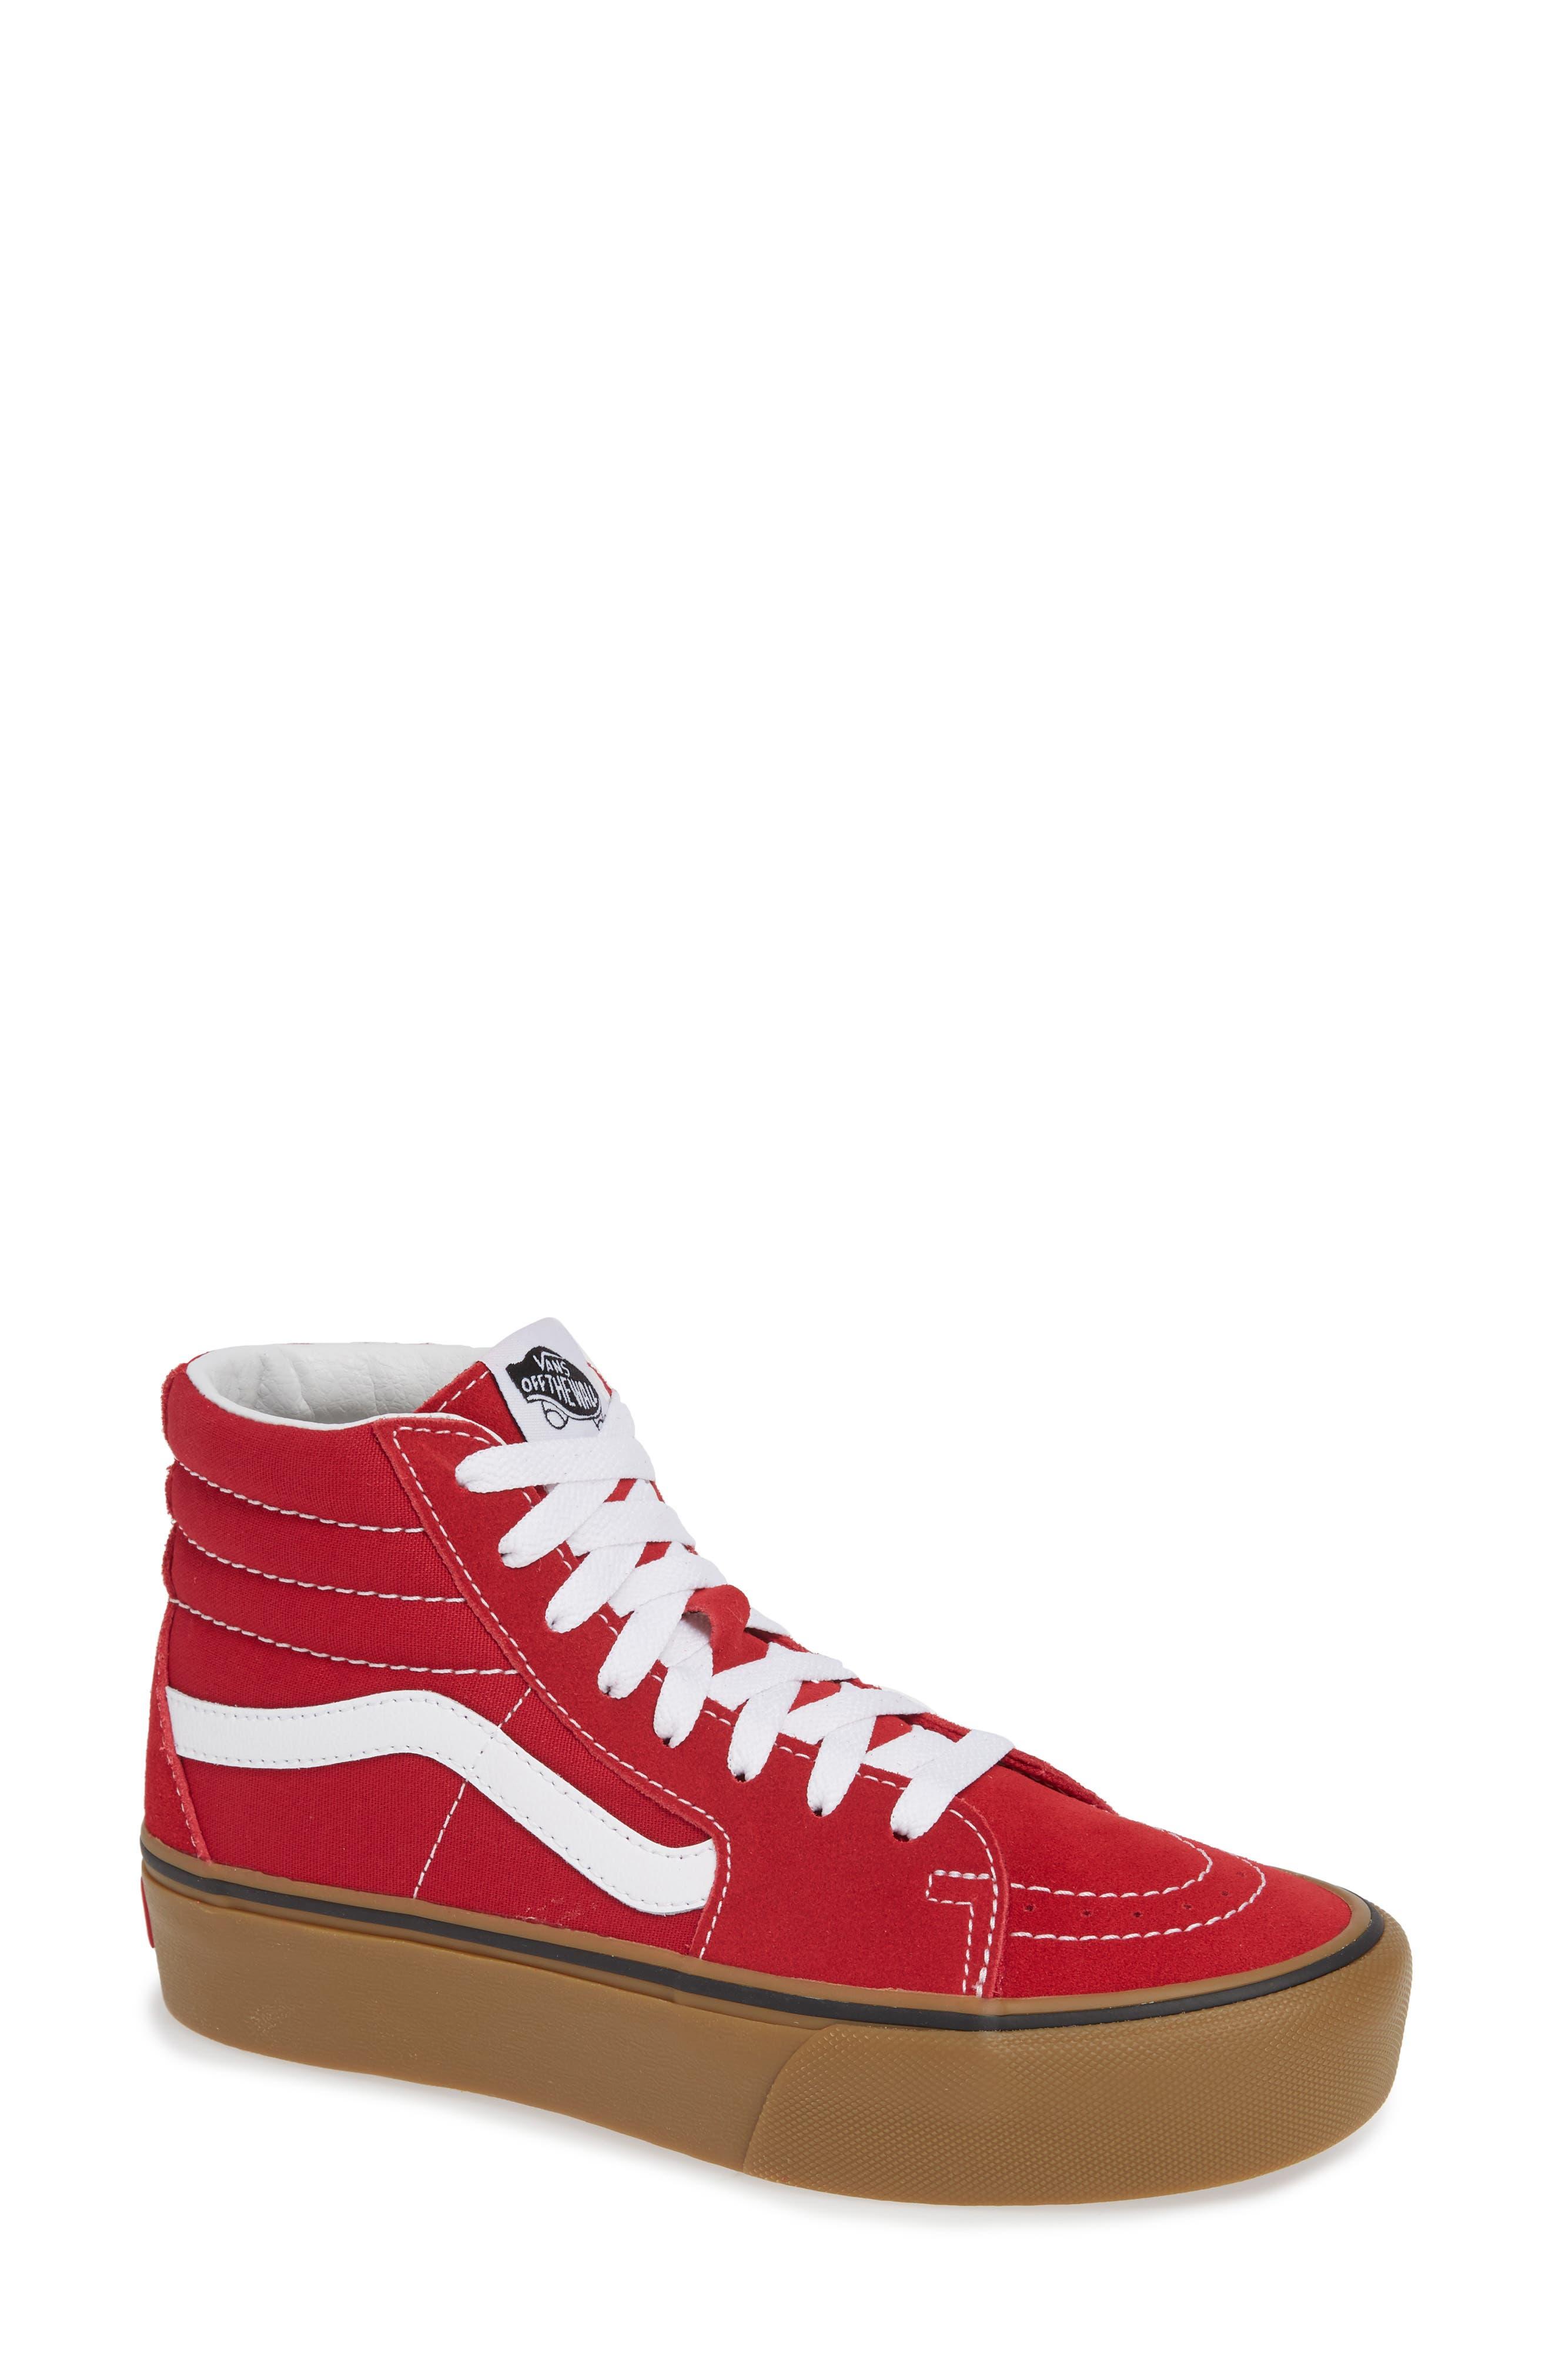 Sk8-Hi Platform Sneaker,                         Main,                         color, SCOOTER/ TRUE WHITE